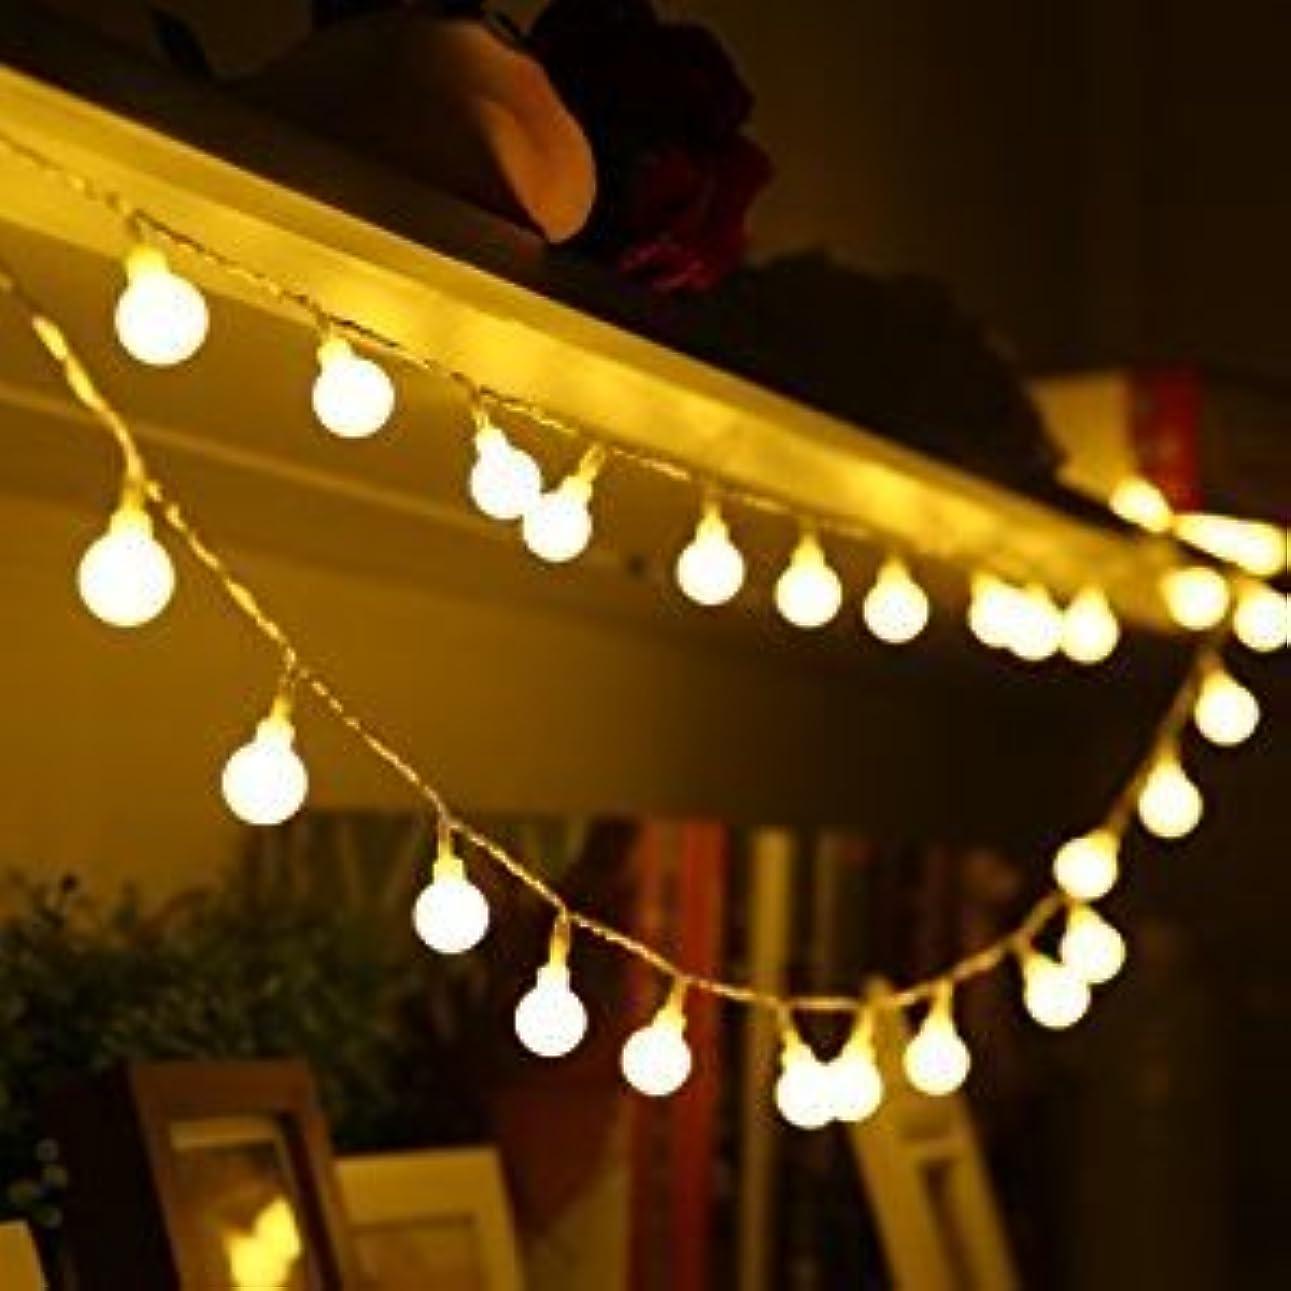 絶滅させるスケジュールフォルダLED イルミネーションライト 電池式 5m50led ストリングライト led クリスマス led ライト 飾りライト フェアリーライト コンセント不要 携帯便利 アウトドア 室内 室外 結婚式 パーティー 庭 など適用 (5m50led ボール型)